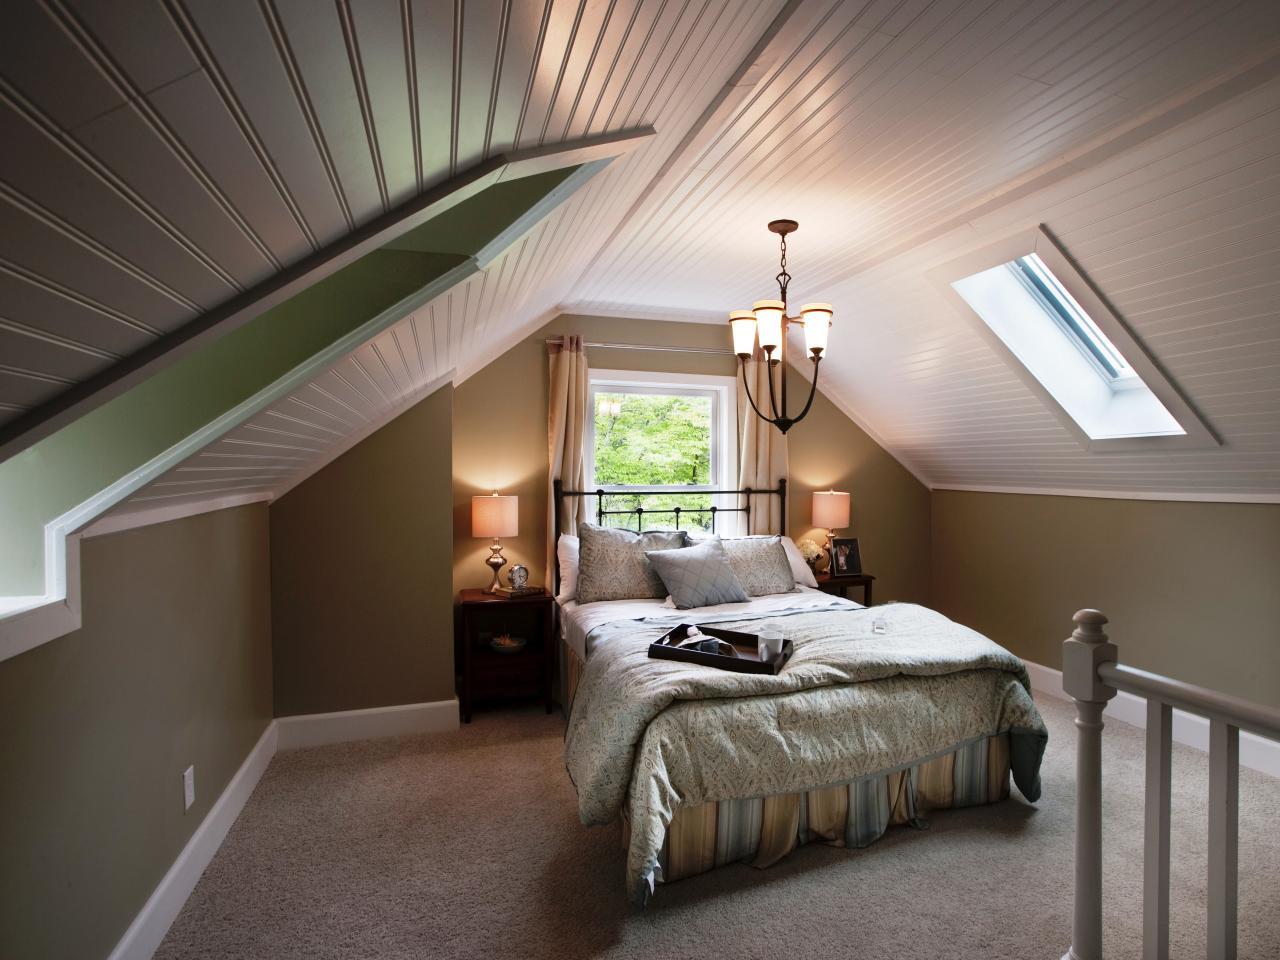 Кровать изголовьем к окну кованая